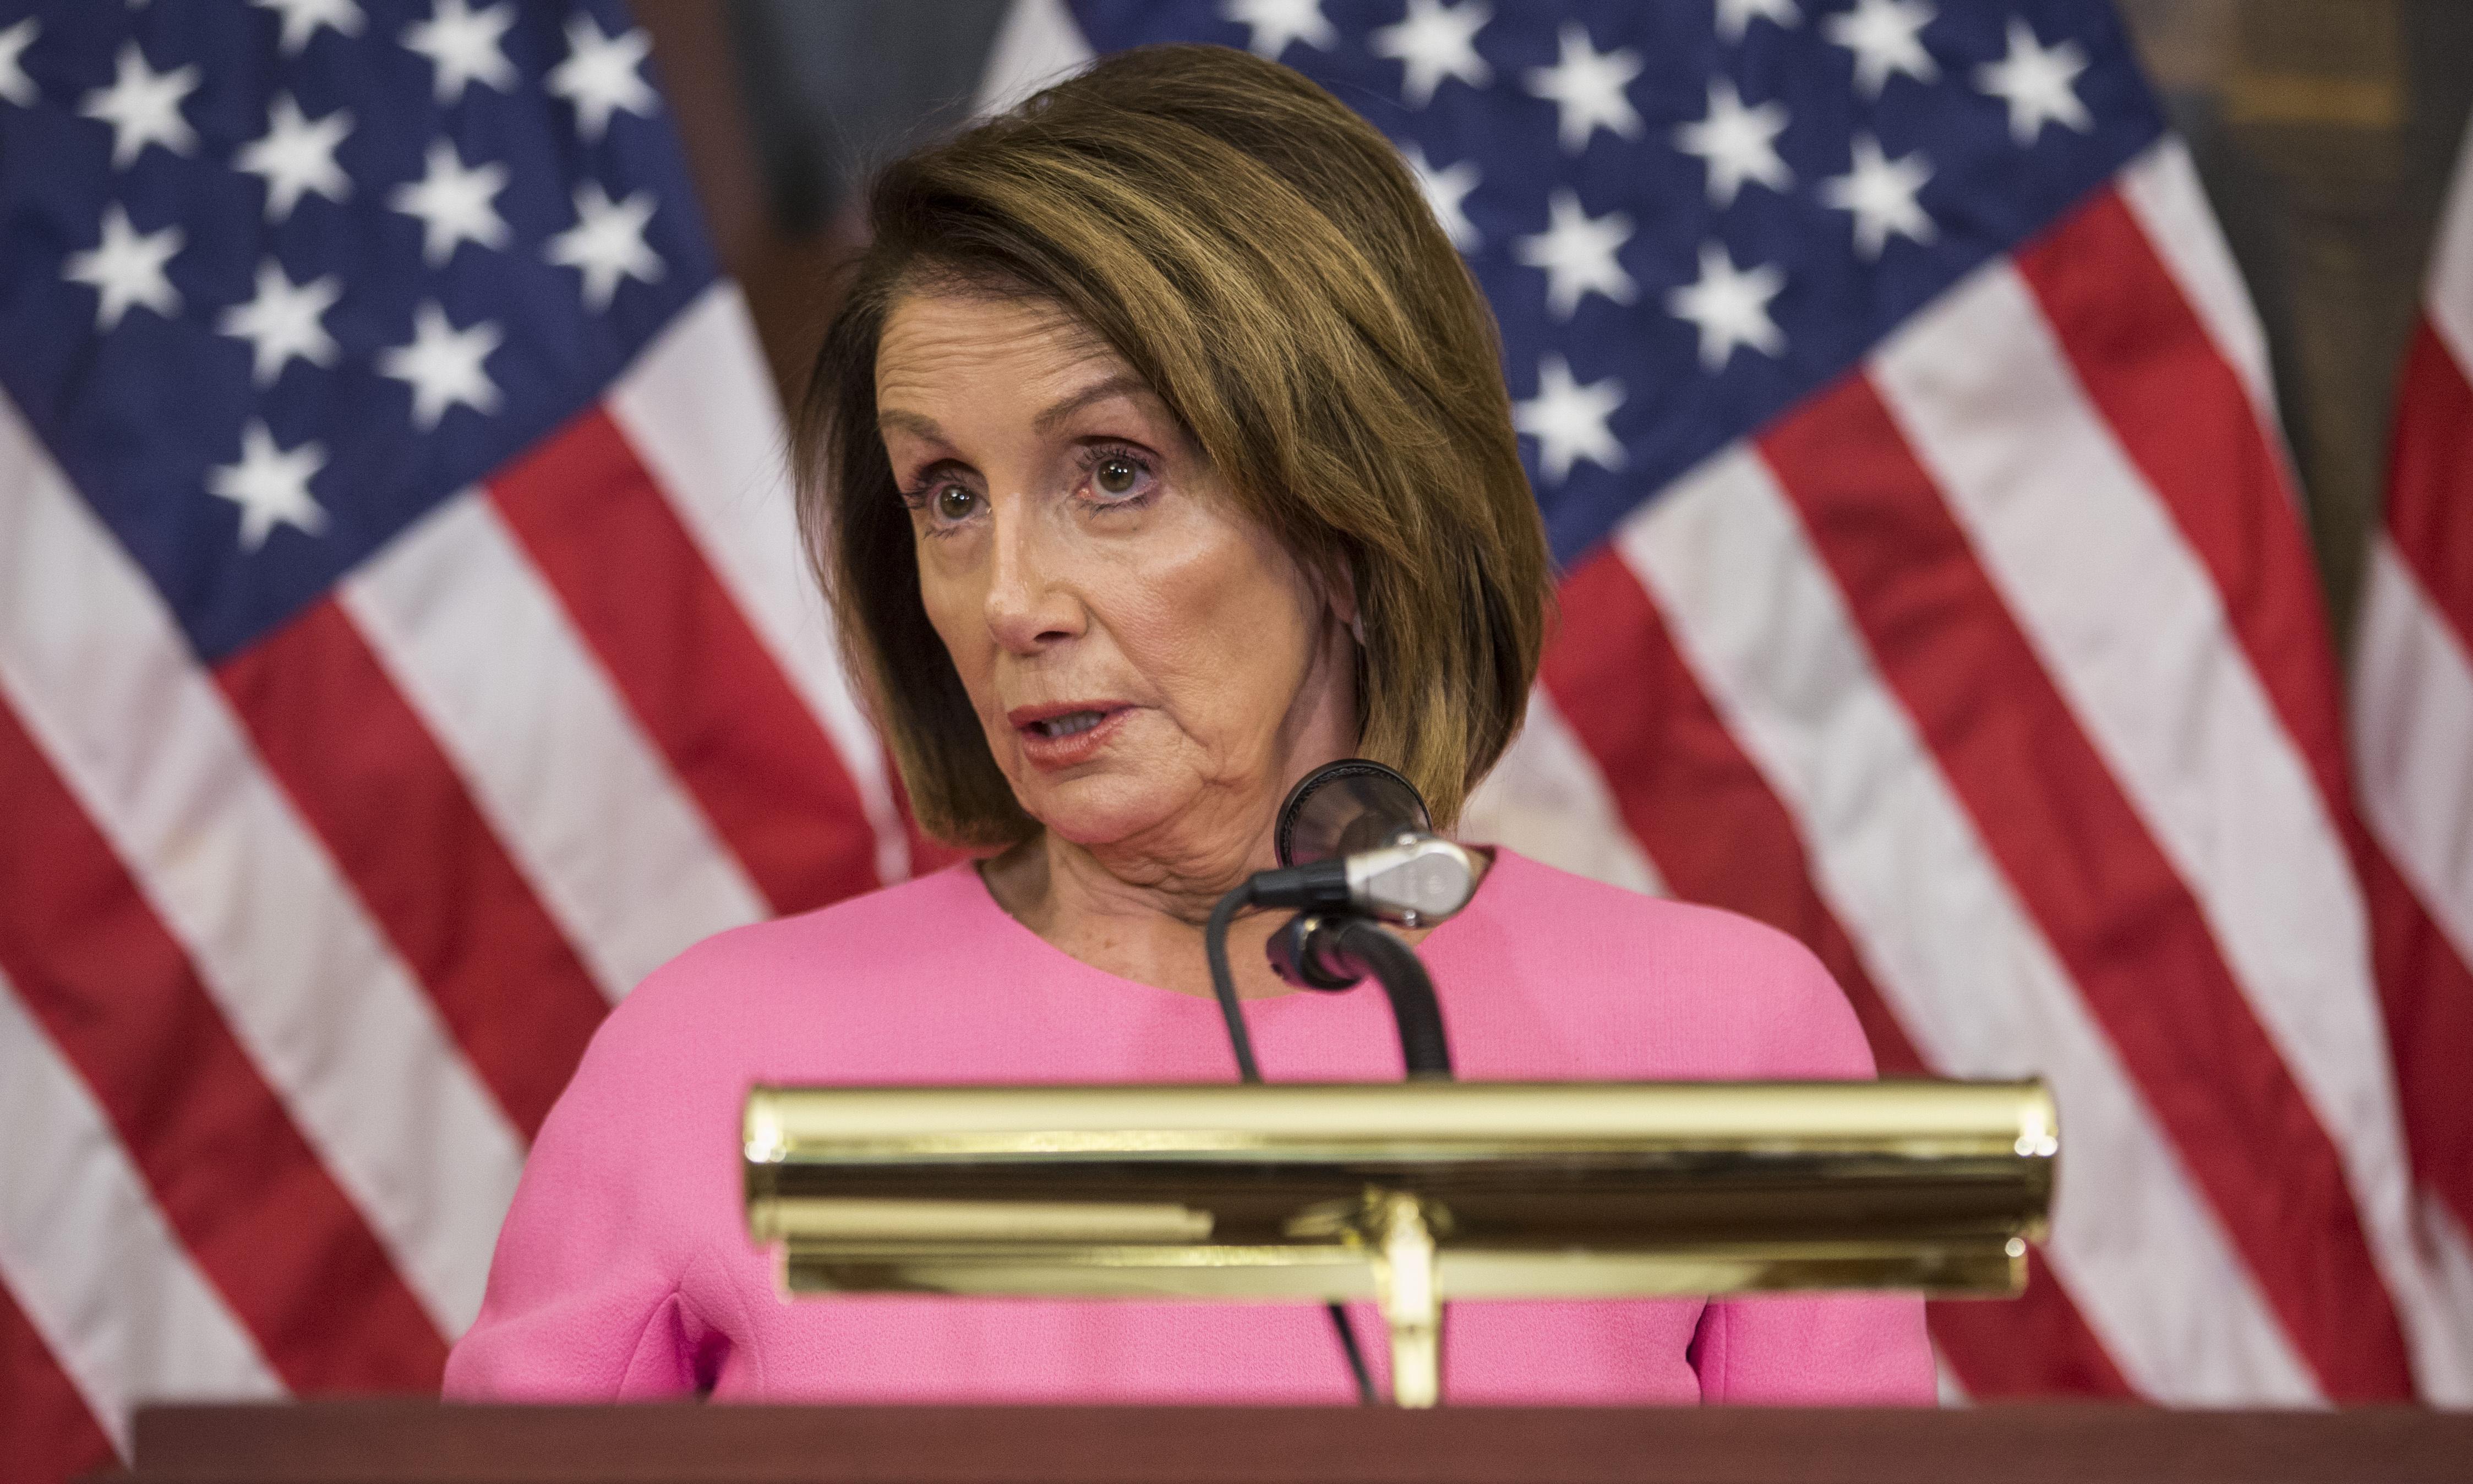 Democrats got millions more votes – so how did Republicans win the Senate?